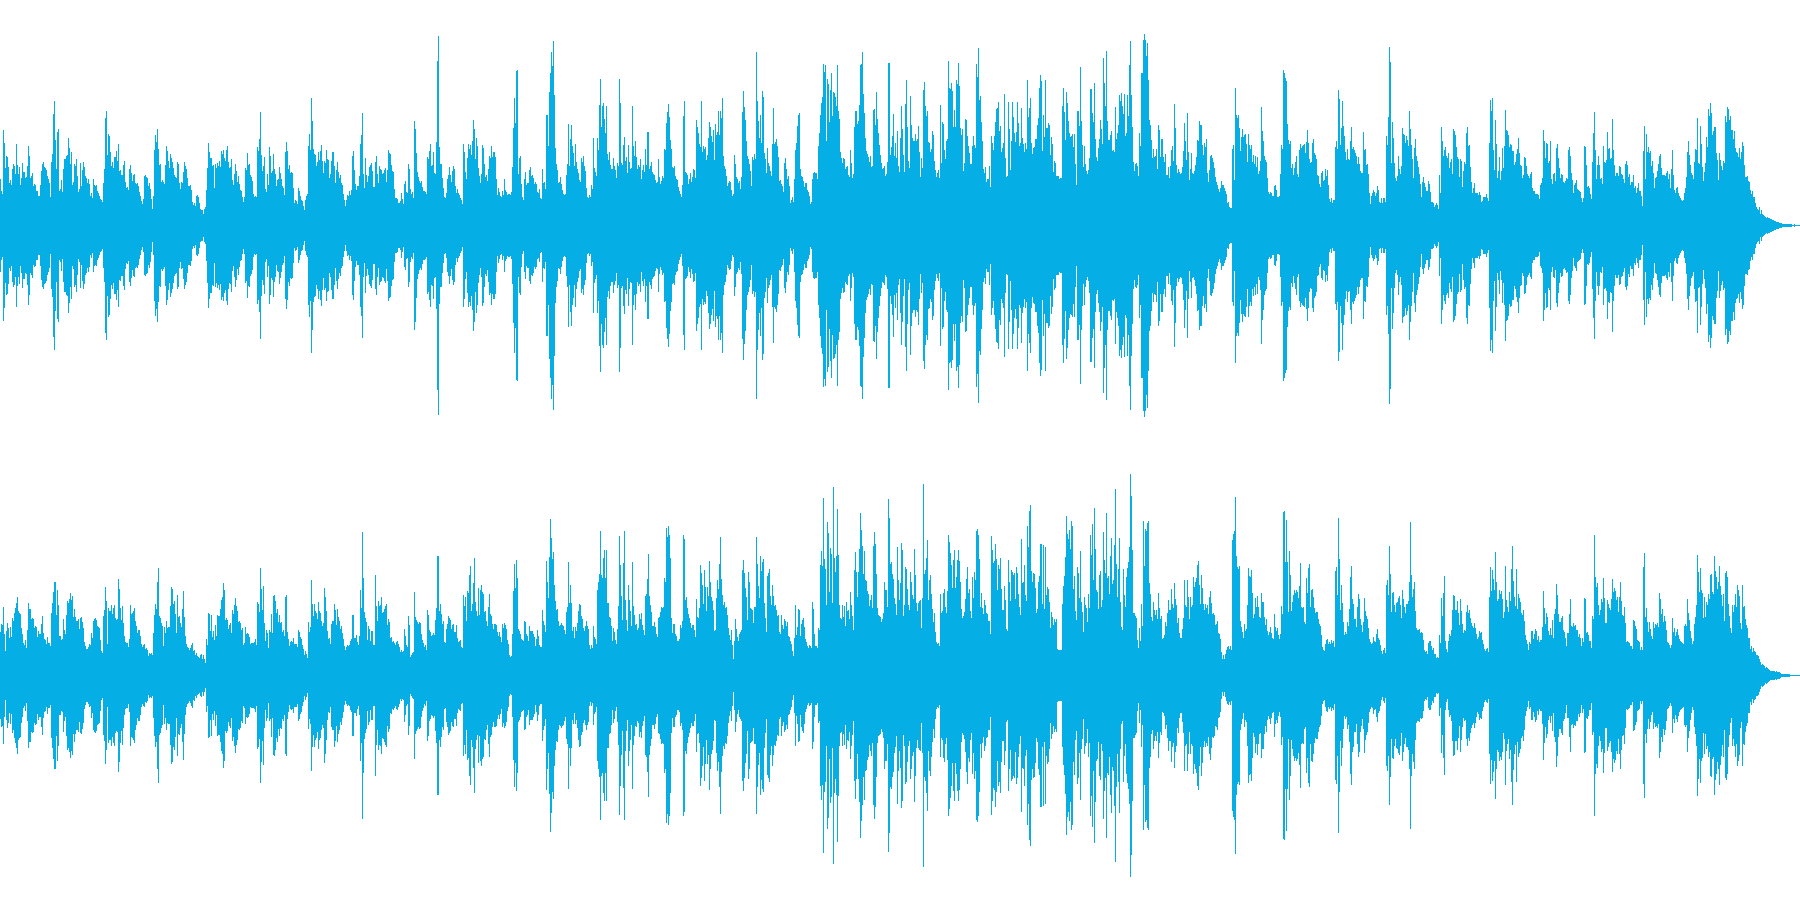 ジャジーでスモーキーなピアノソロの再生済みの波形